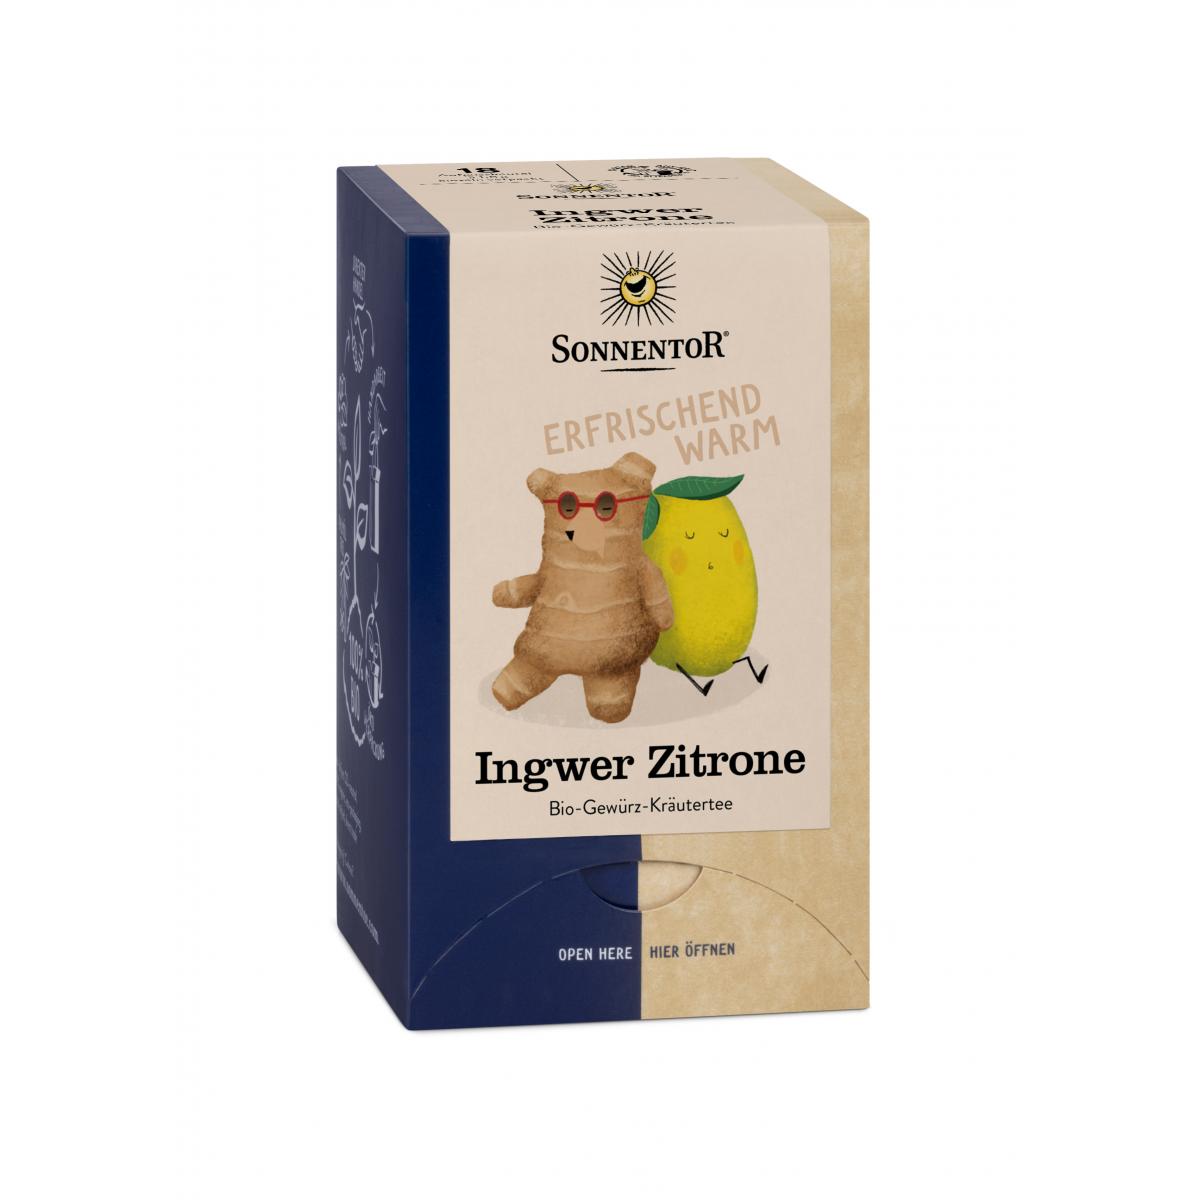 Ingwer-Zitronen-Tee Beutel